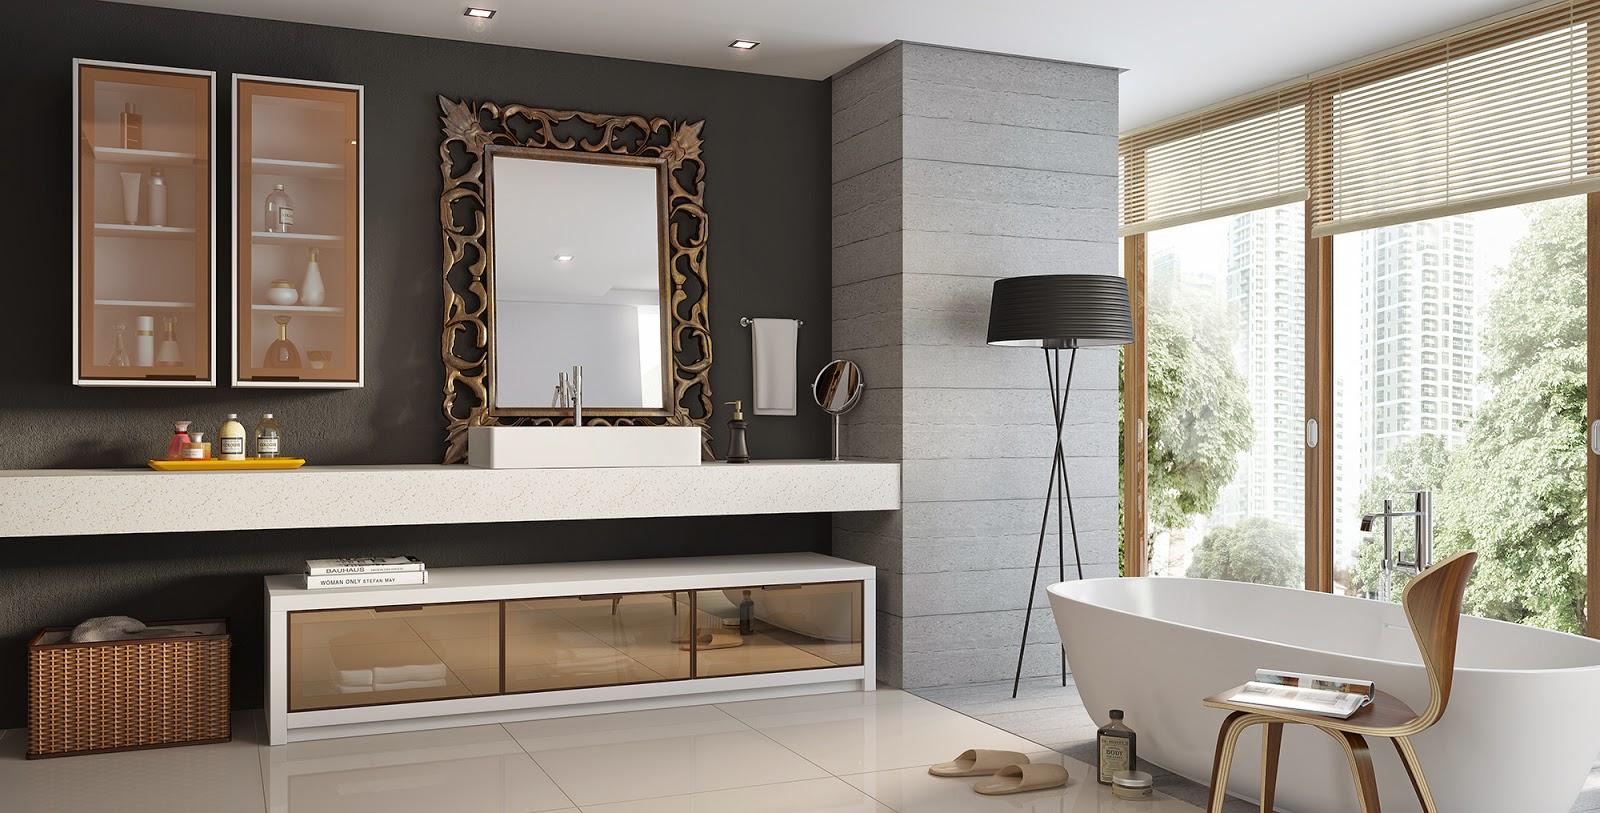 Banheiro social. Légno Móveis Planejados #664B37 1600x813 Balcao De Banheiro Planejado